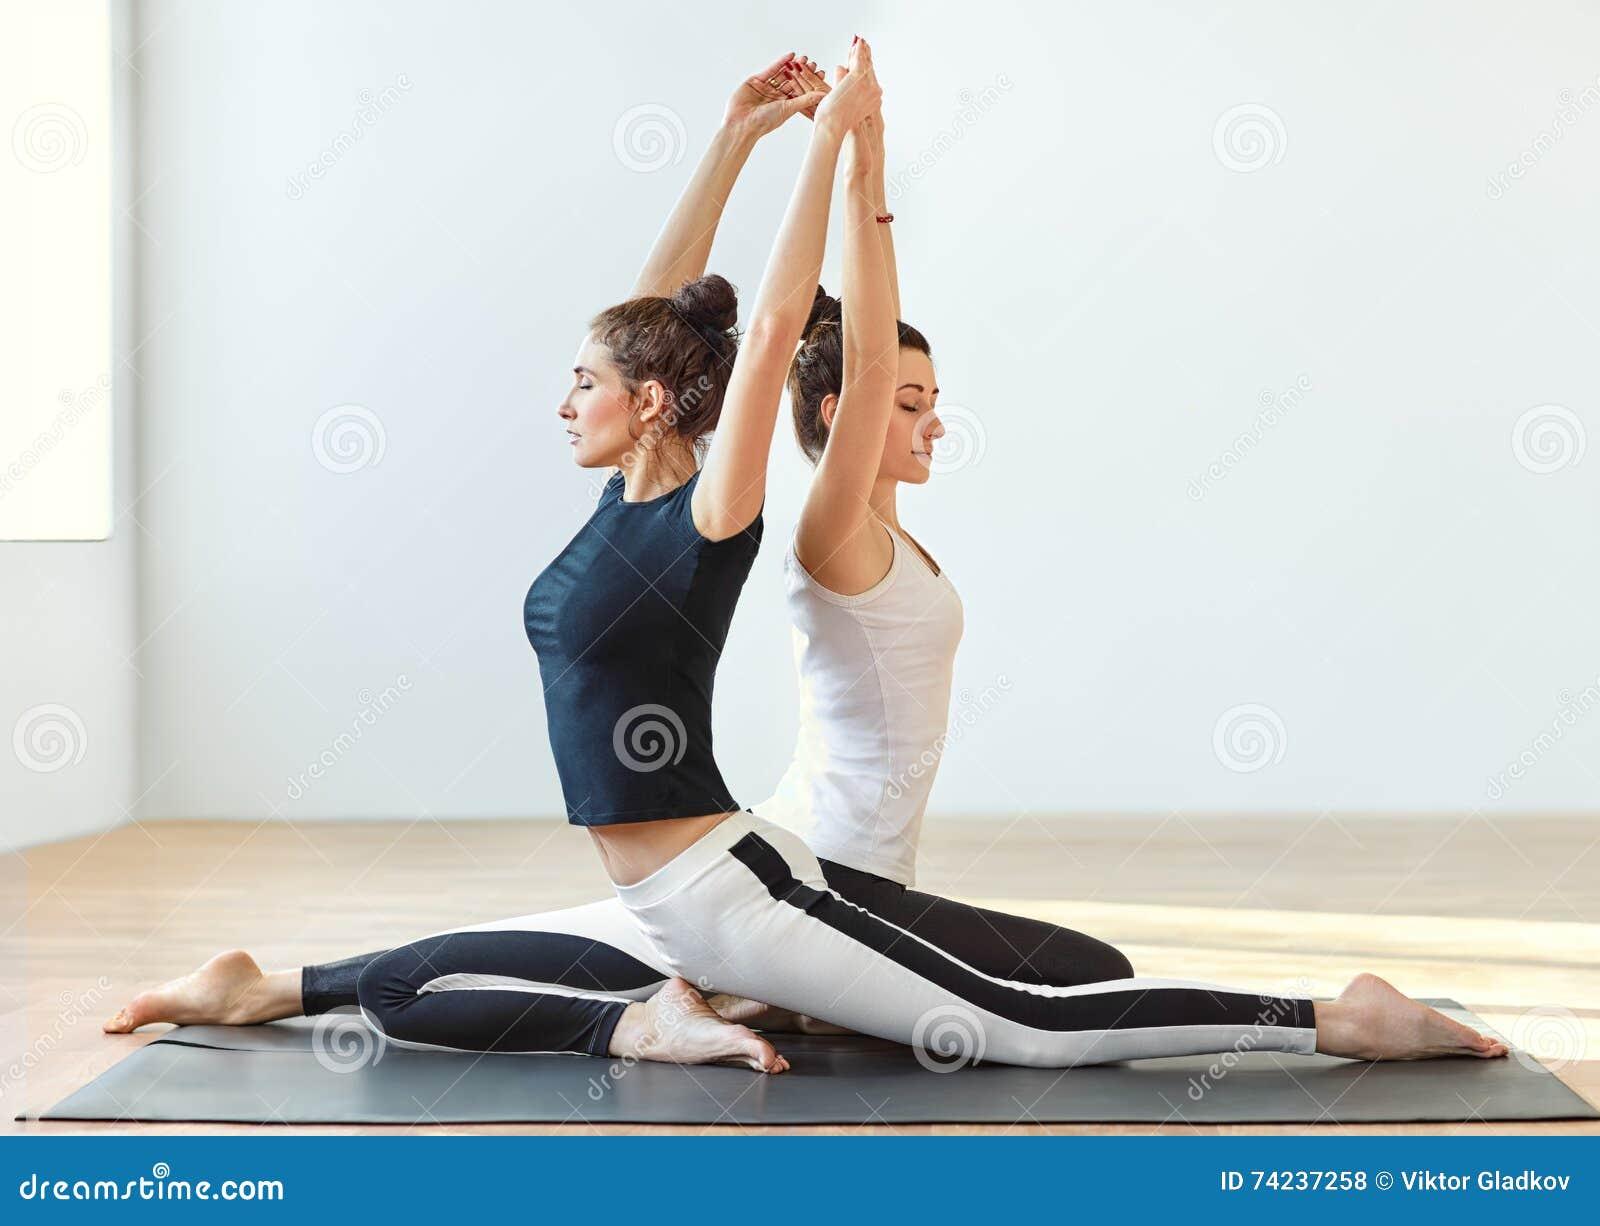 Fabulous Yoga tandem foto stock - Iscriviti Gratis VP38